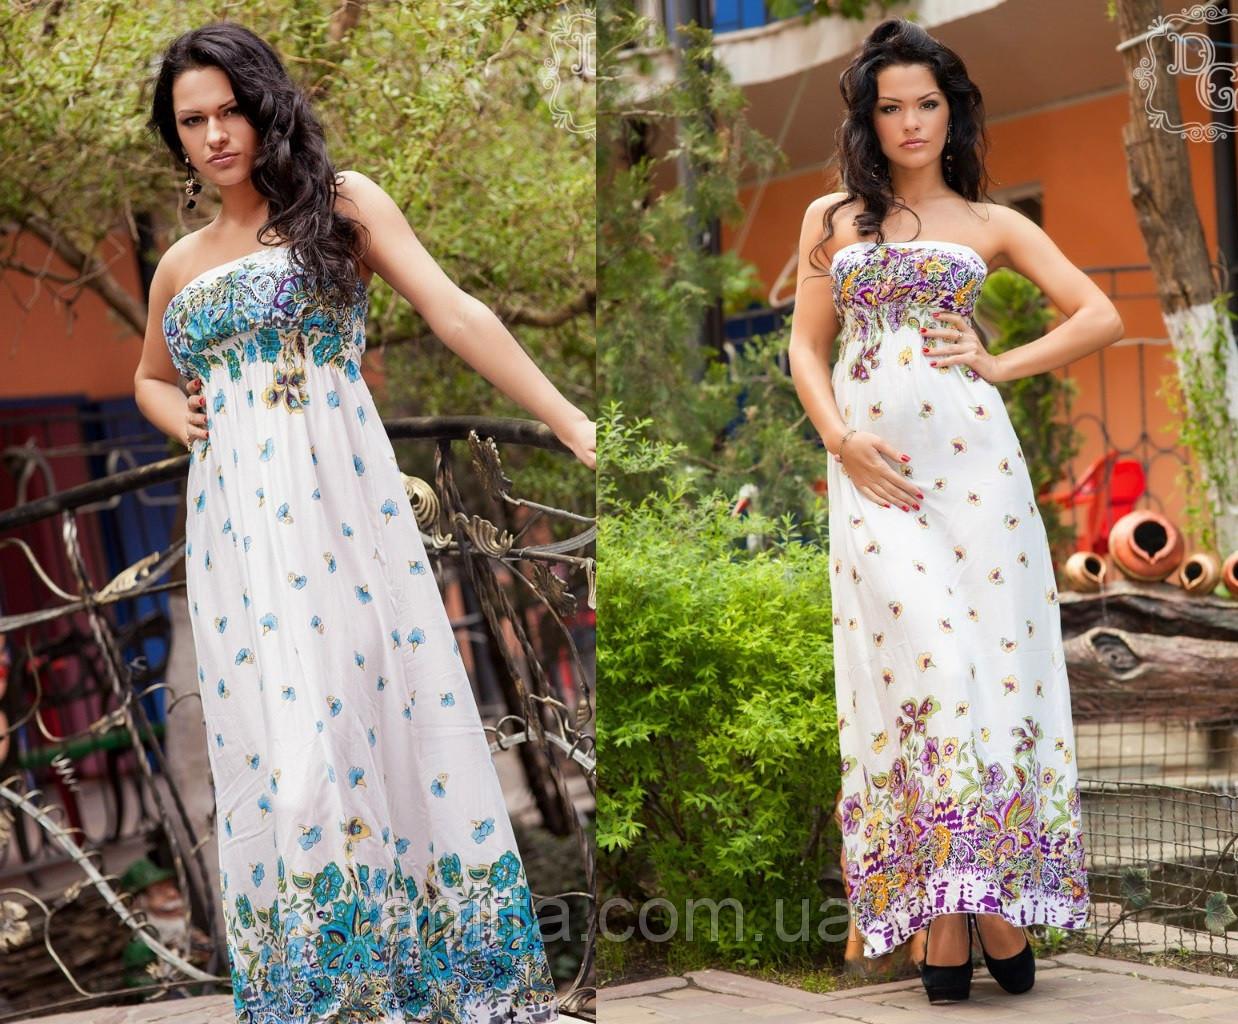 Аленка Женская Одежда Доставка